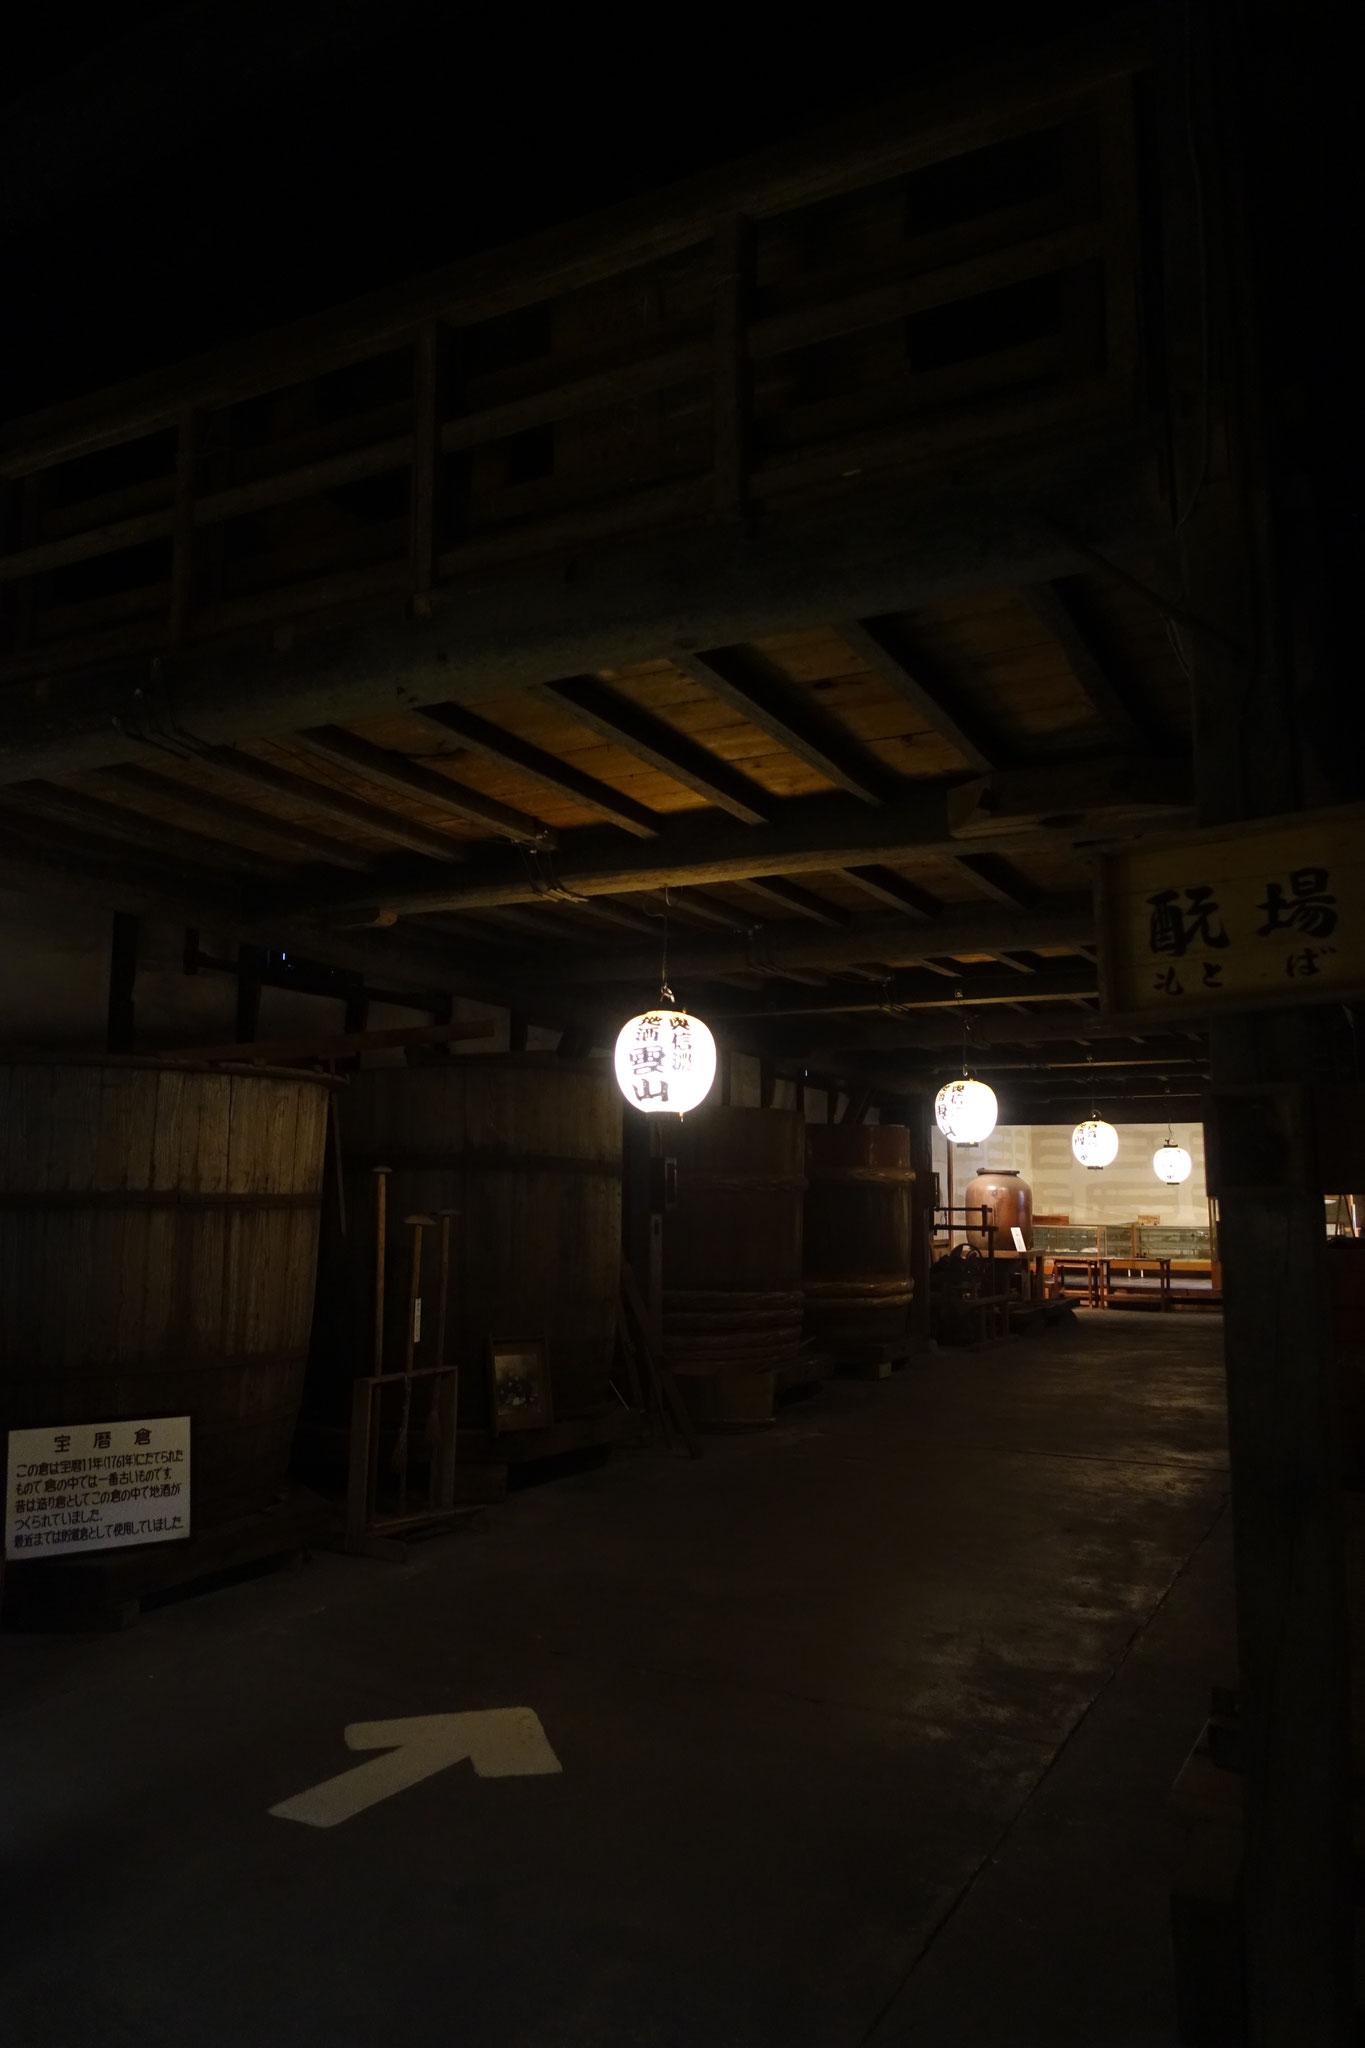 慶応蔵(酒造りの蔵)の雰囲気